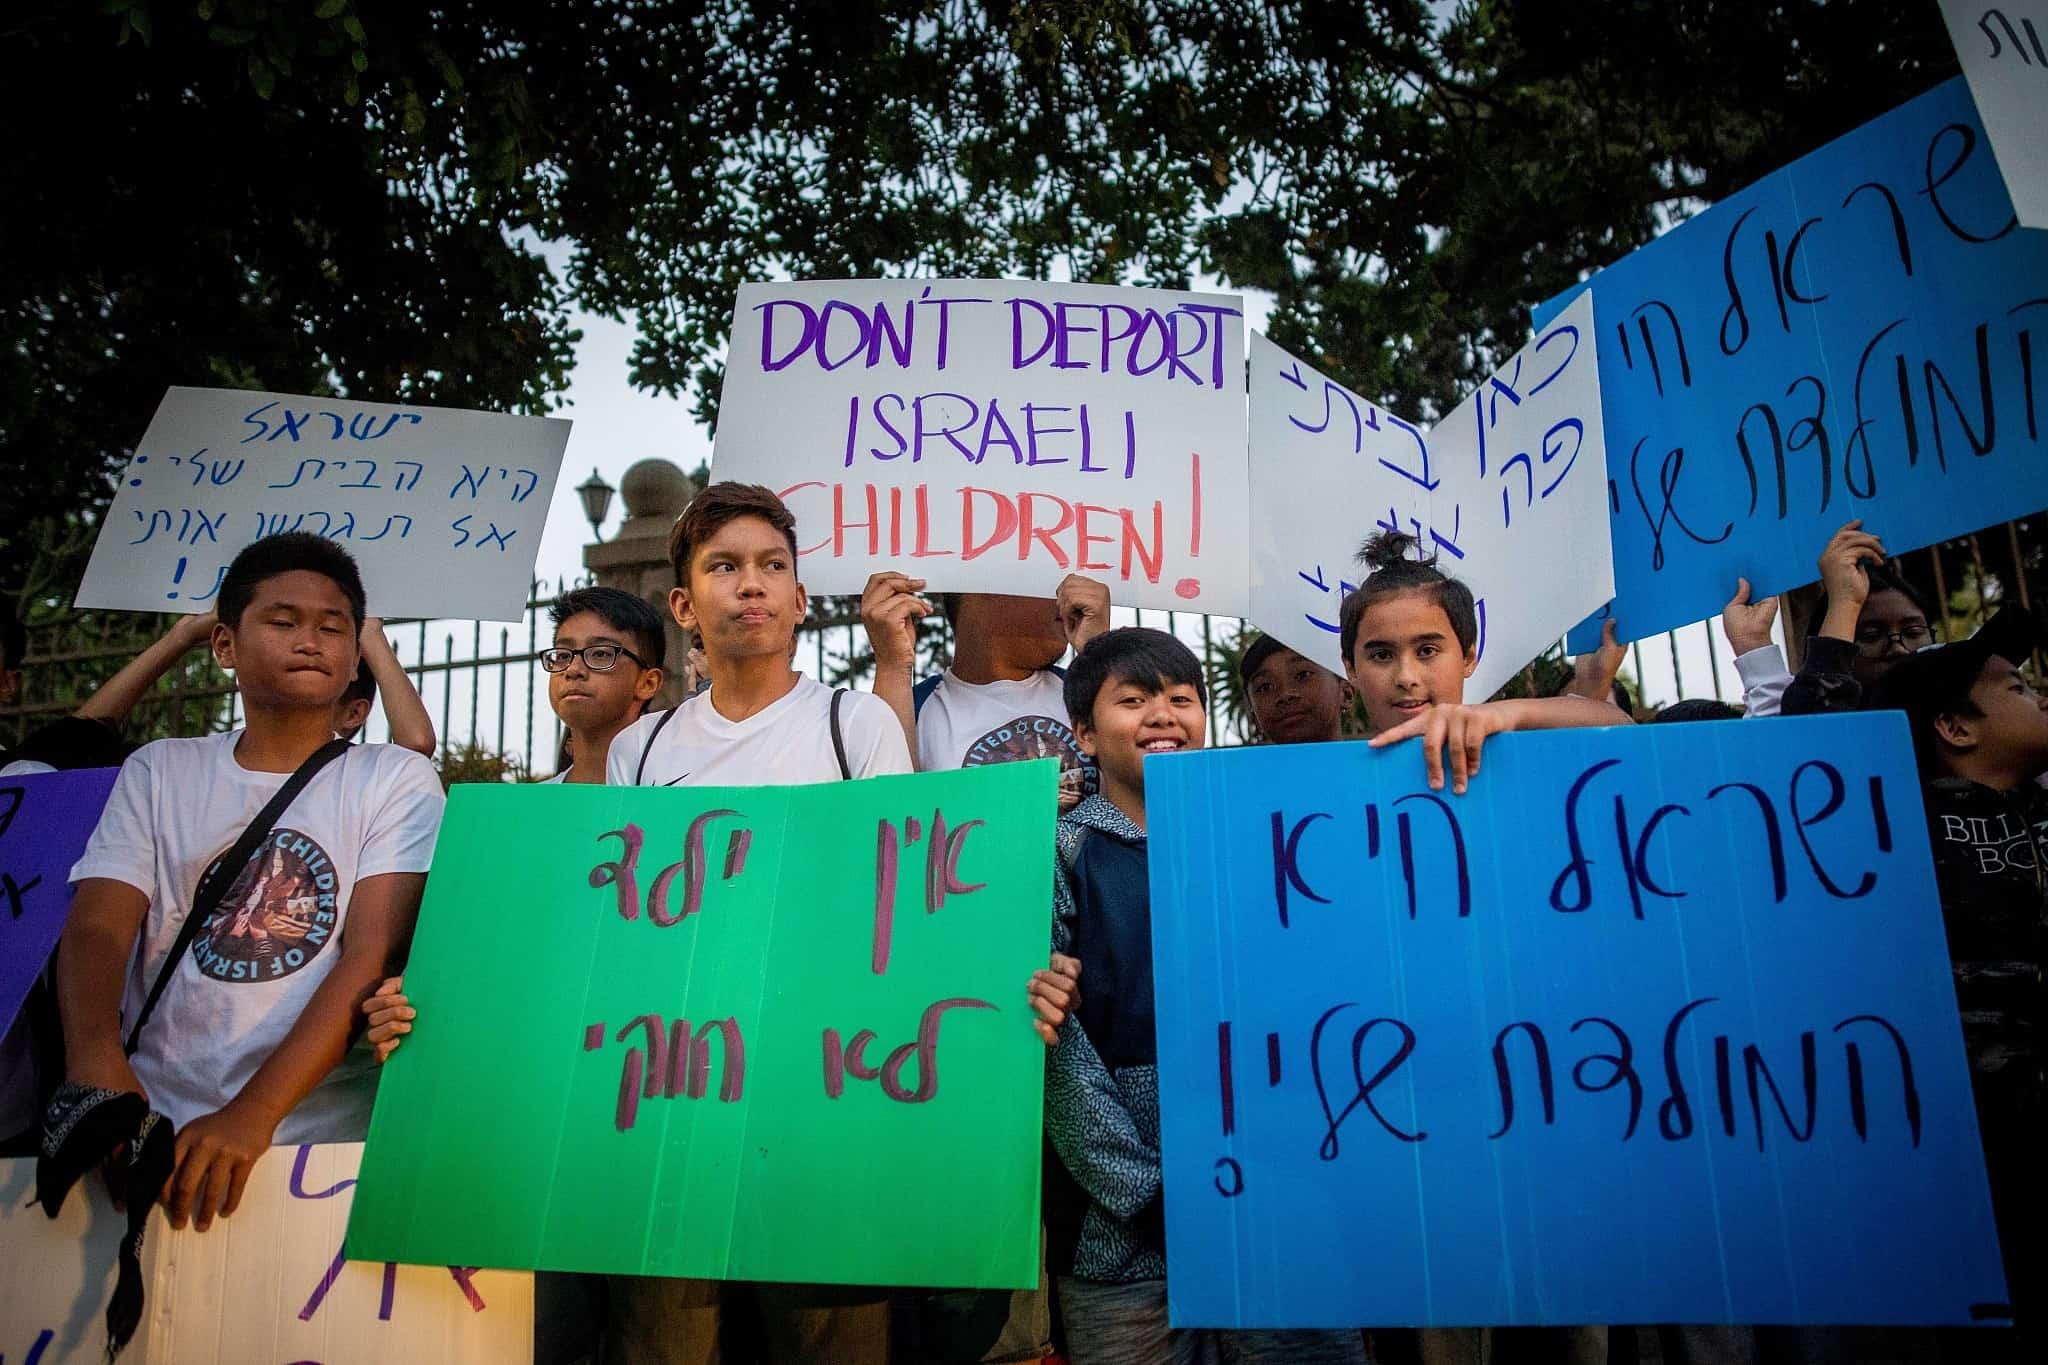 מחאה נגד גירוש עובדים פיליפינים וילדיהם (צילום: Yonatan Sindel/Flash90)